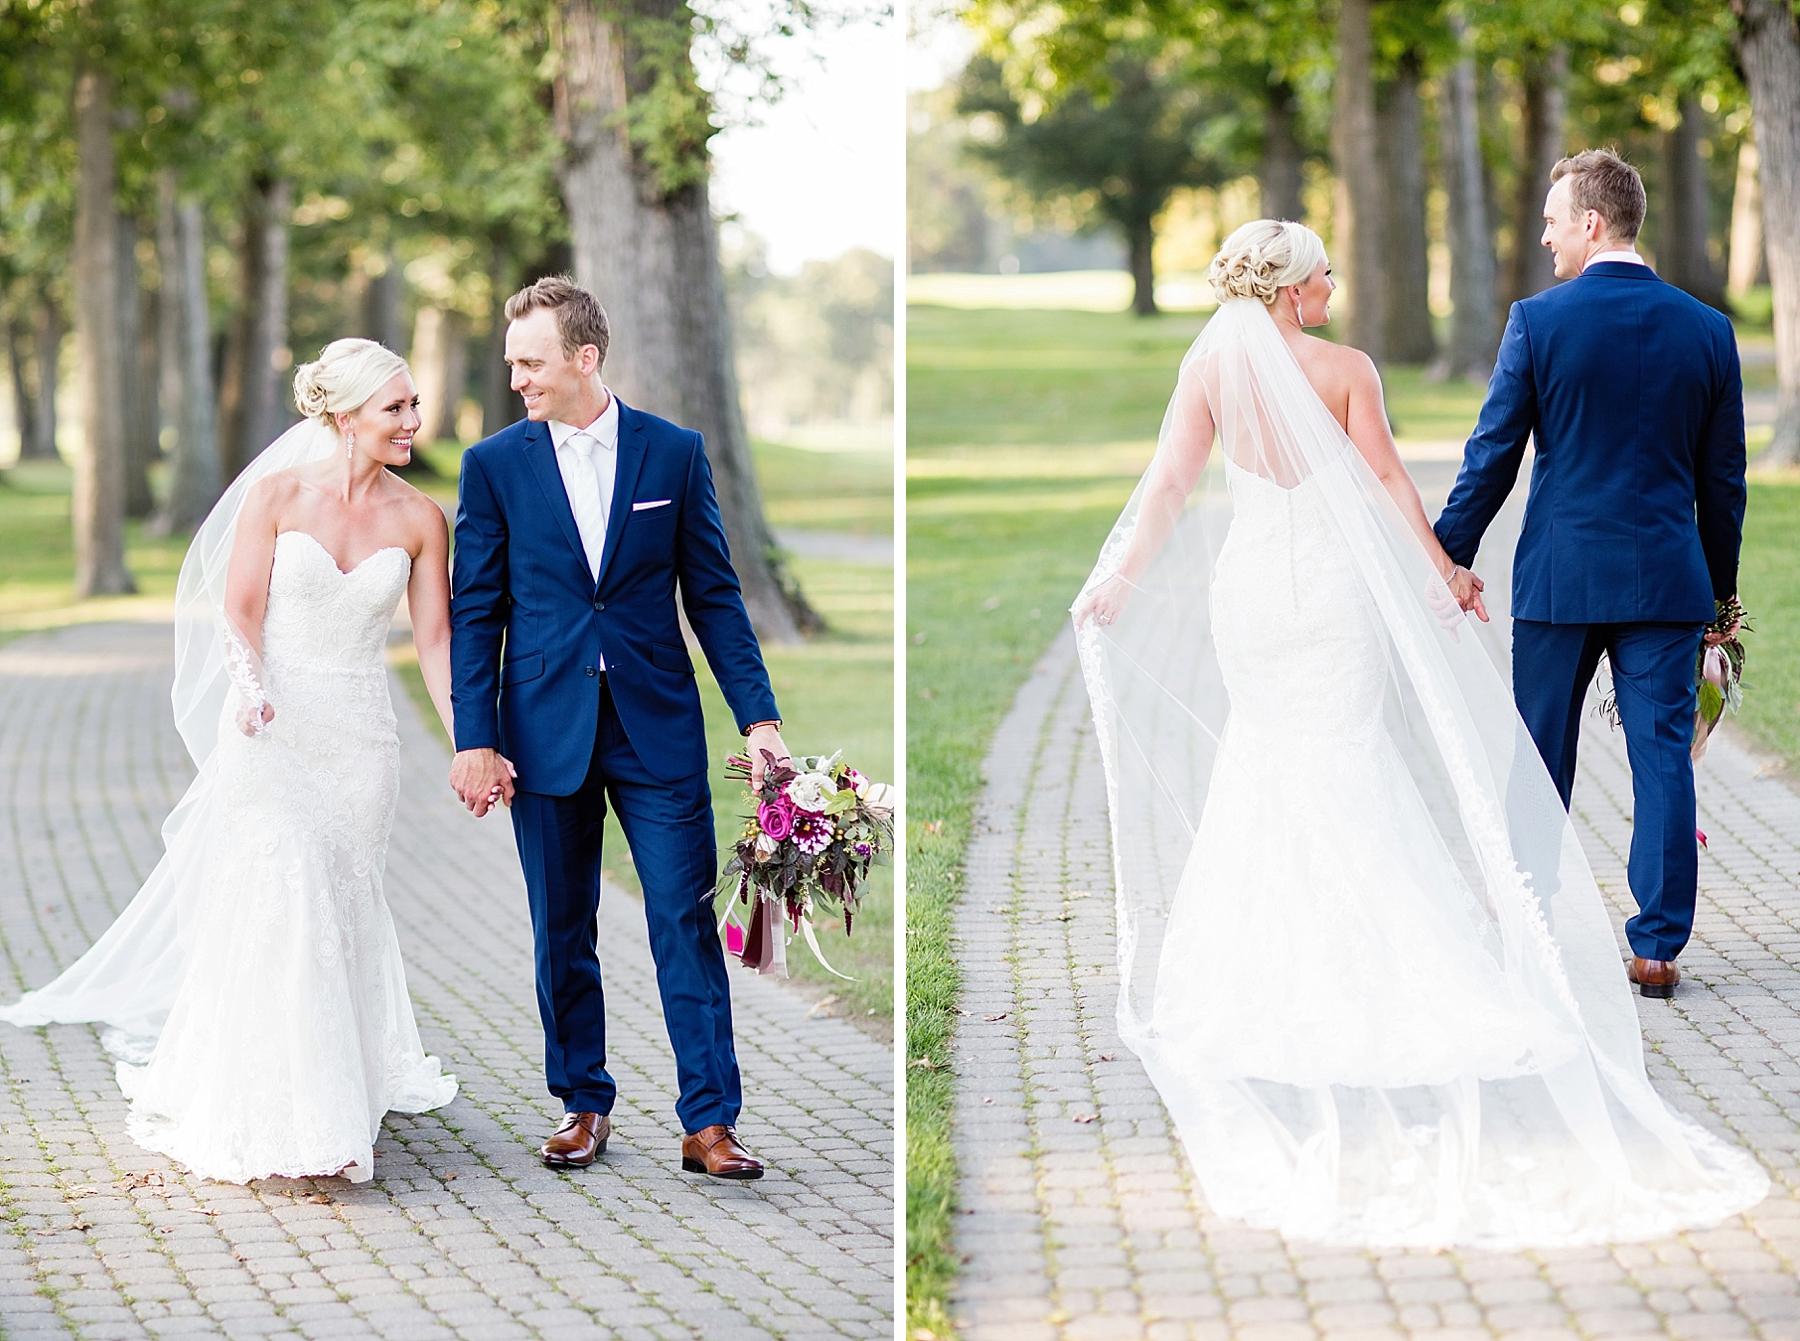 windsor-wedding-photographer-essex-golf-country-club-wedding-eryn-shea-photography_0049.jpg